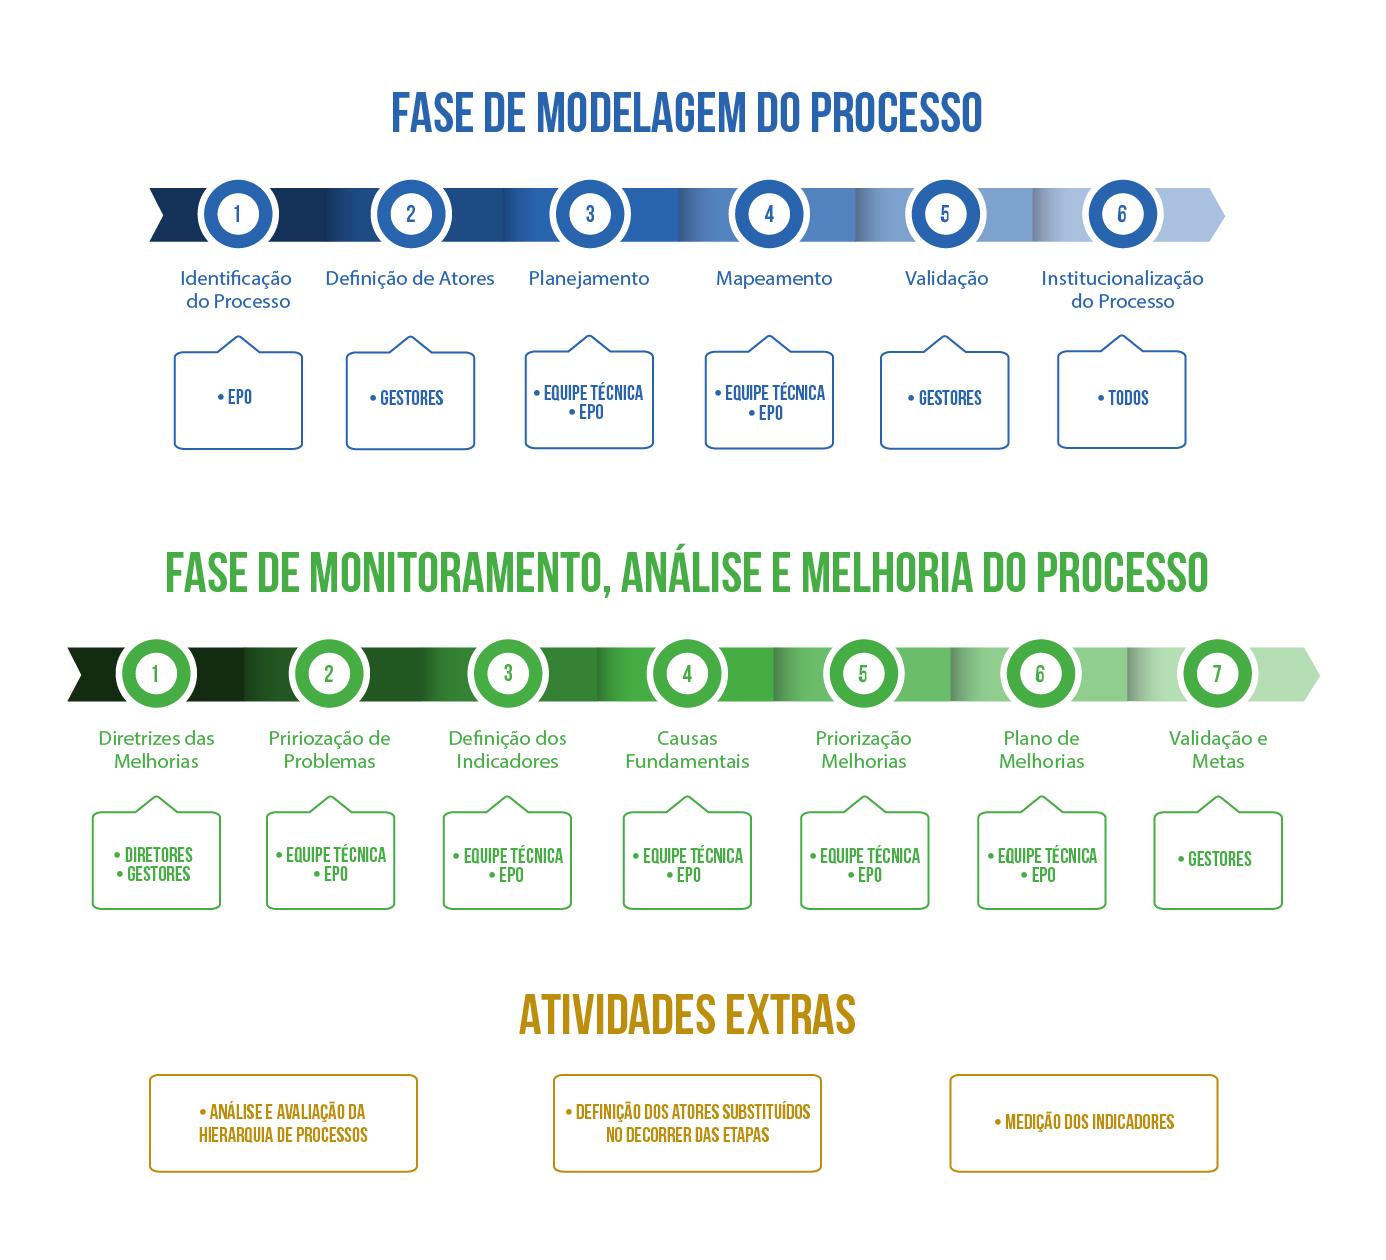 Fases e etapas